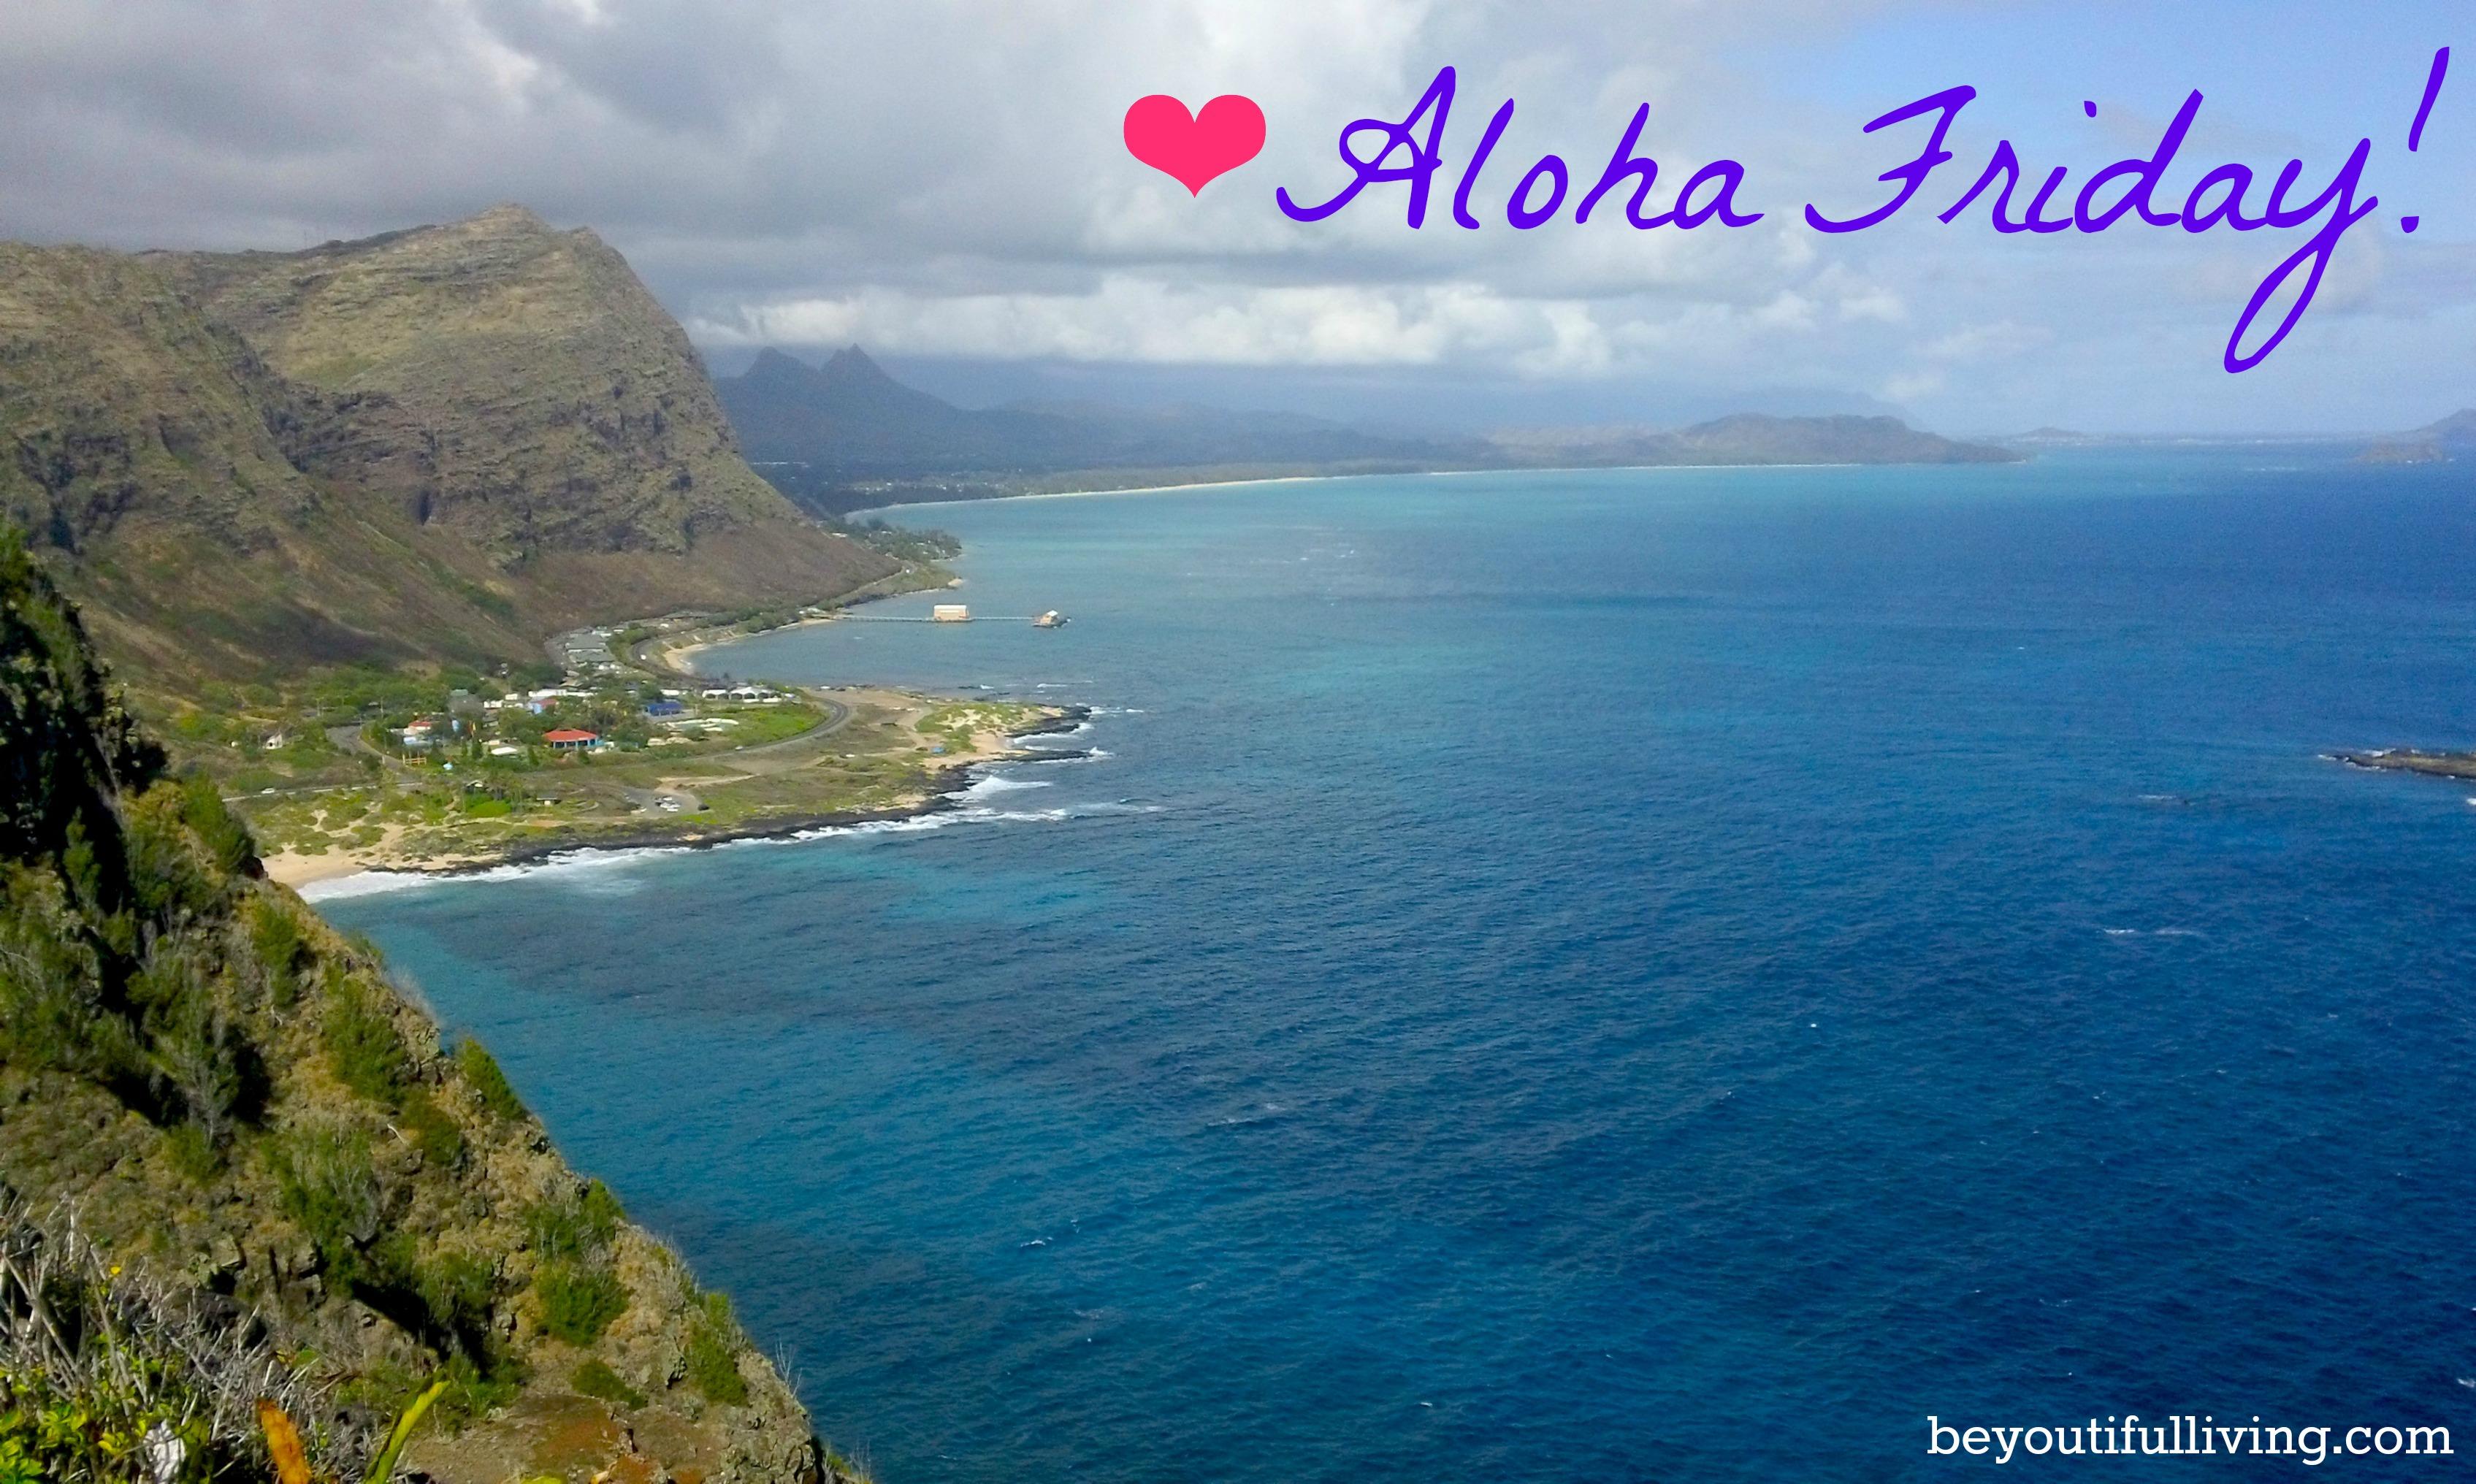 Ahloa